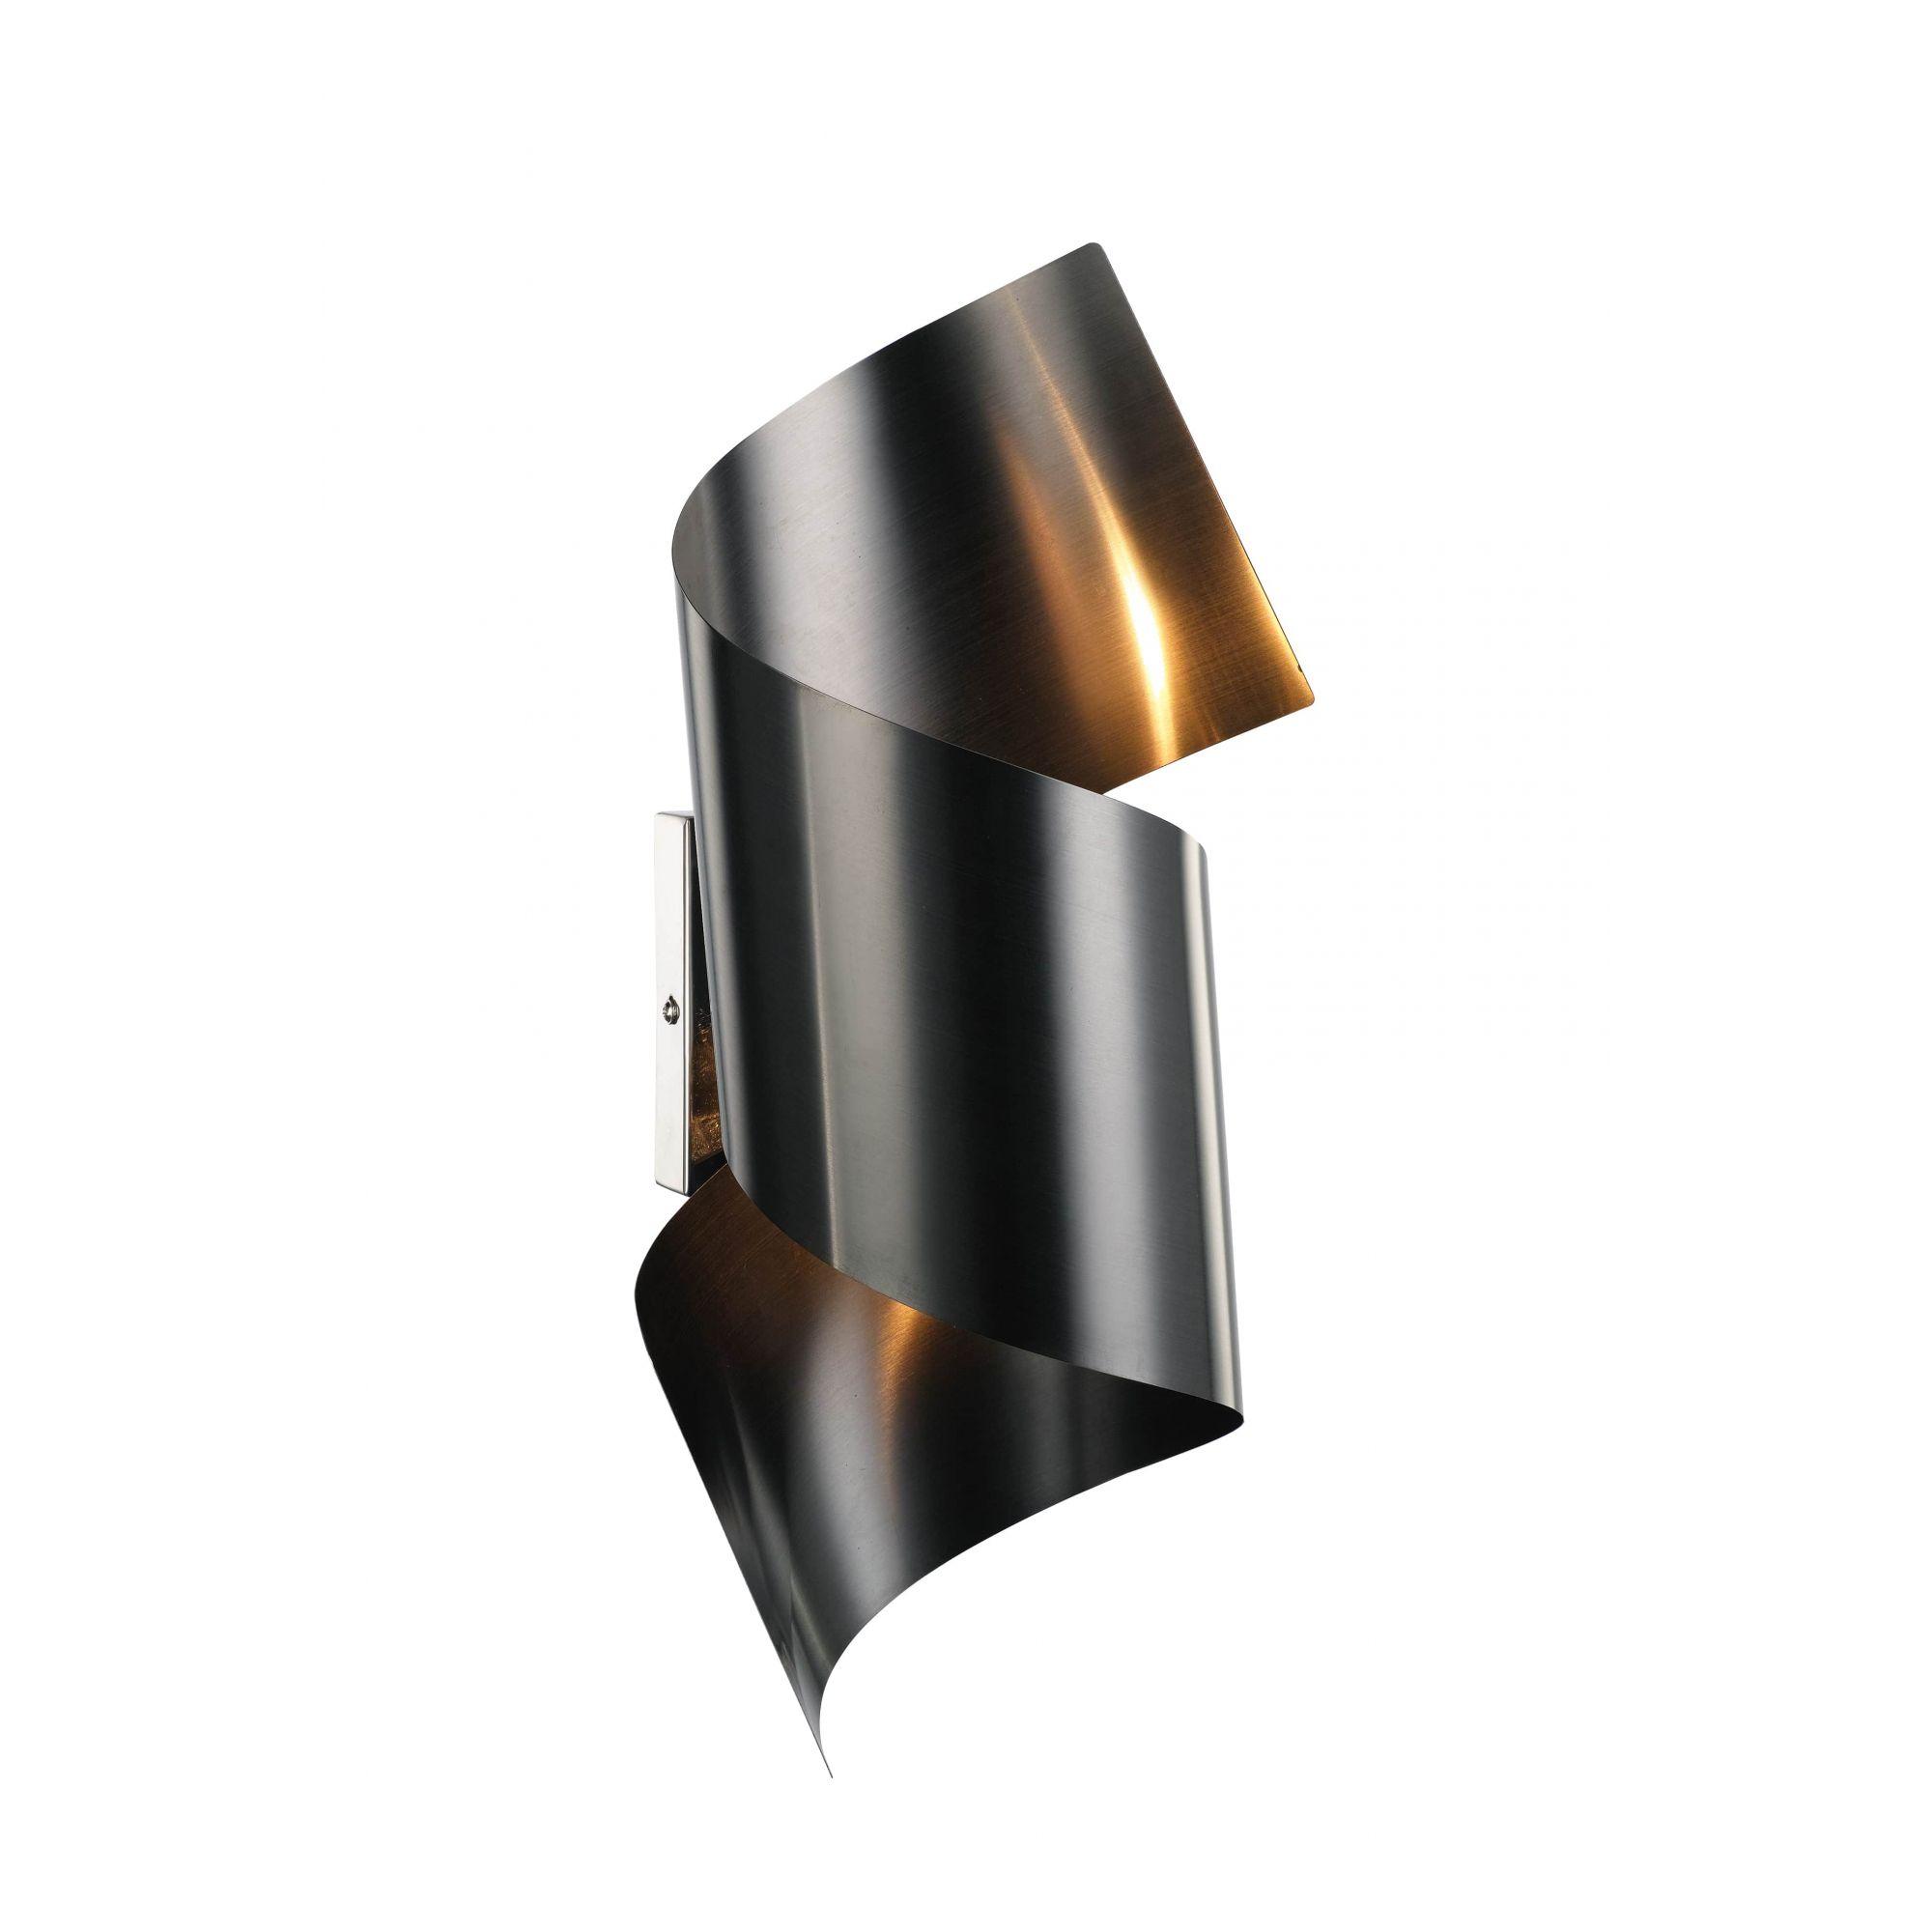 2dc108e56 Arandela Parede Obra de Arte STEEL em Aço Preto Fosco 15cm x 45cm + ...